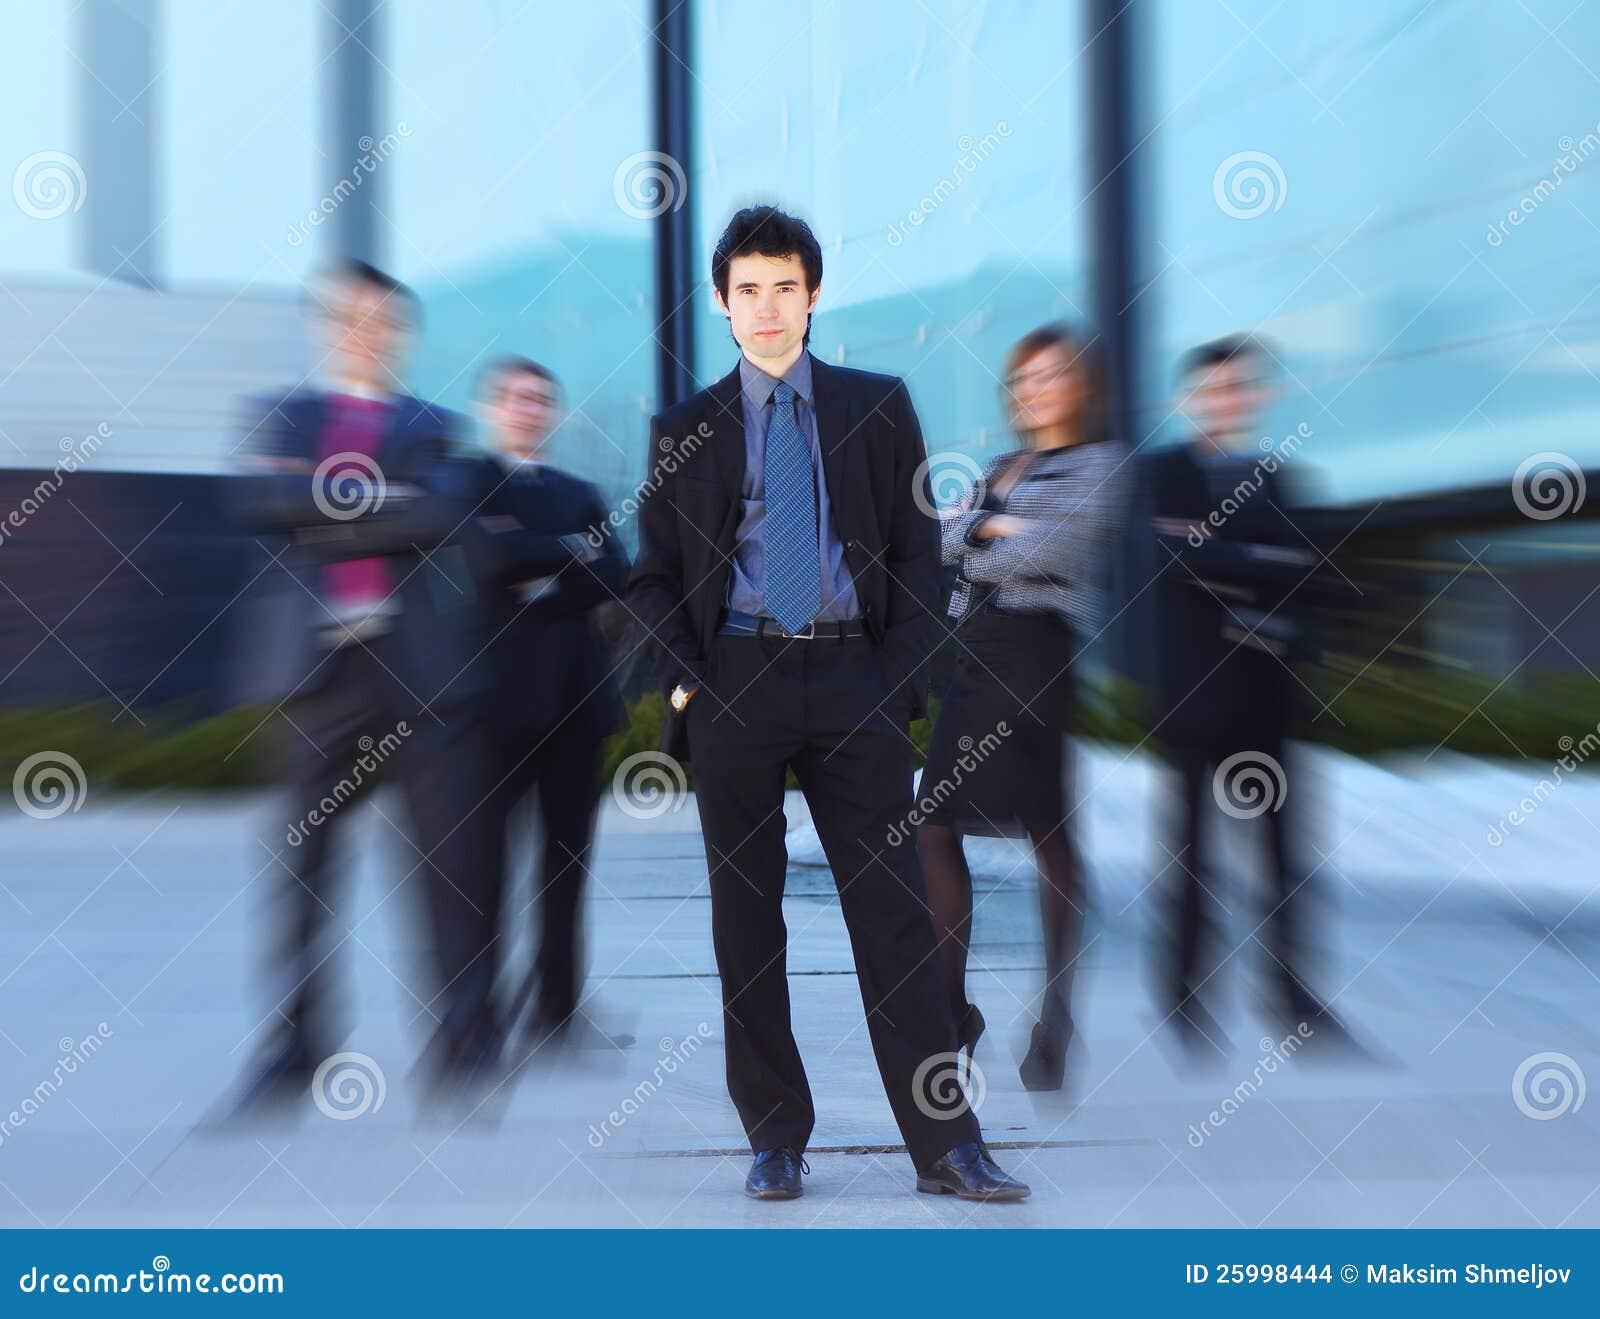 Uma equipe de pessoas novas do negócio na roupa formal